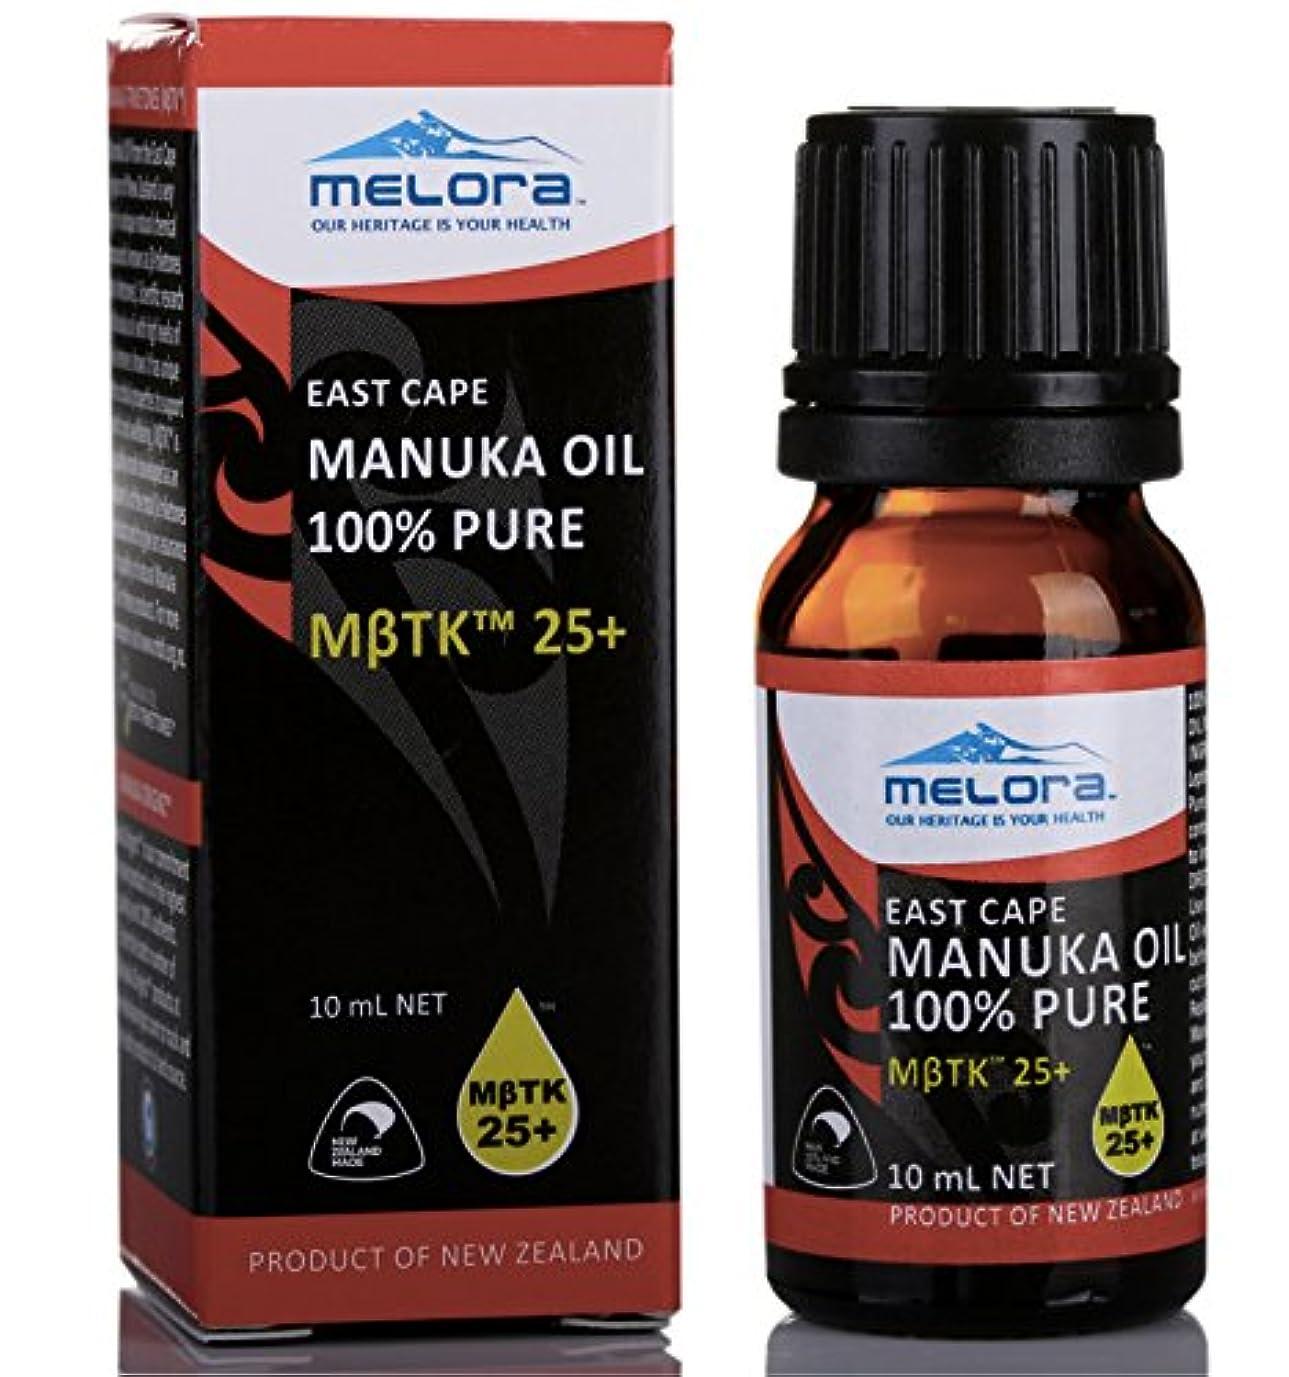 発見メニュー一元化するEAST CAPE MANUKA OIL 100%PURE MBTK 25+ 100%マヌカオイル(精油) 10ml